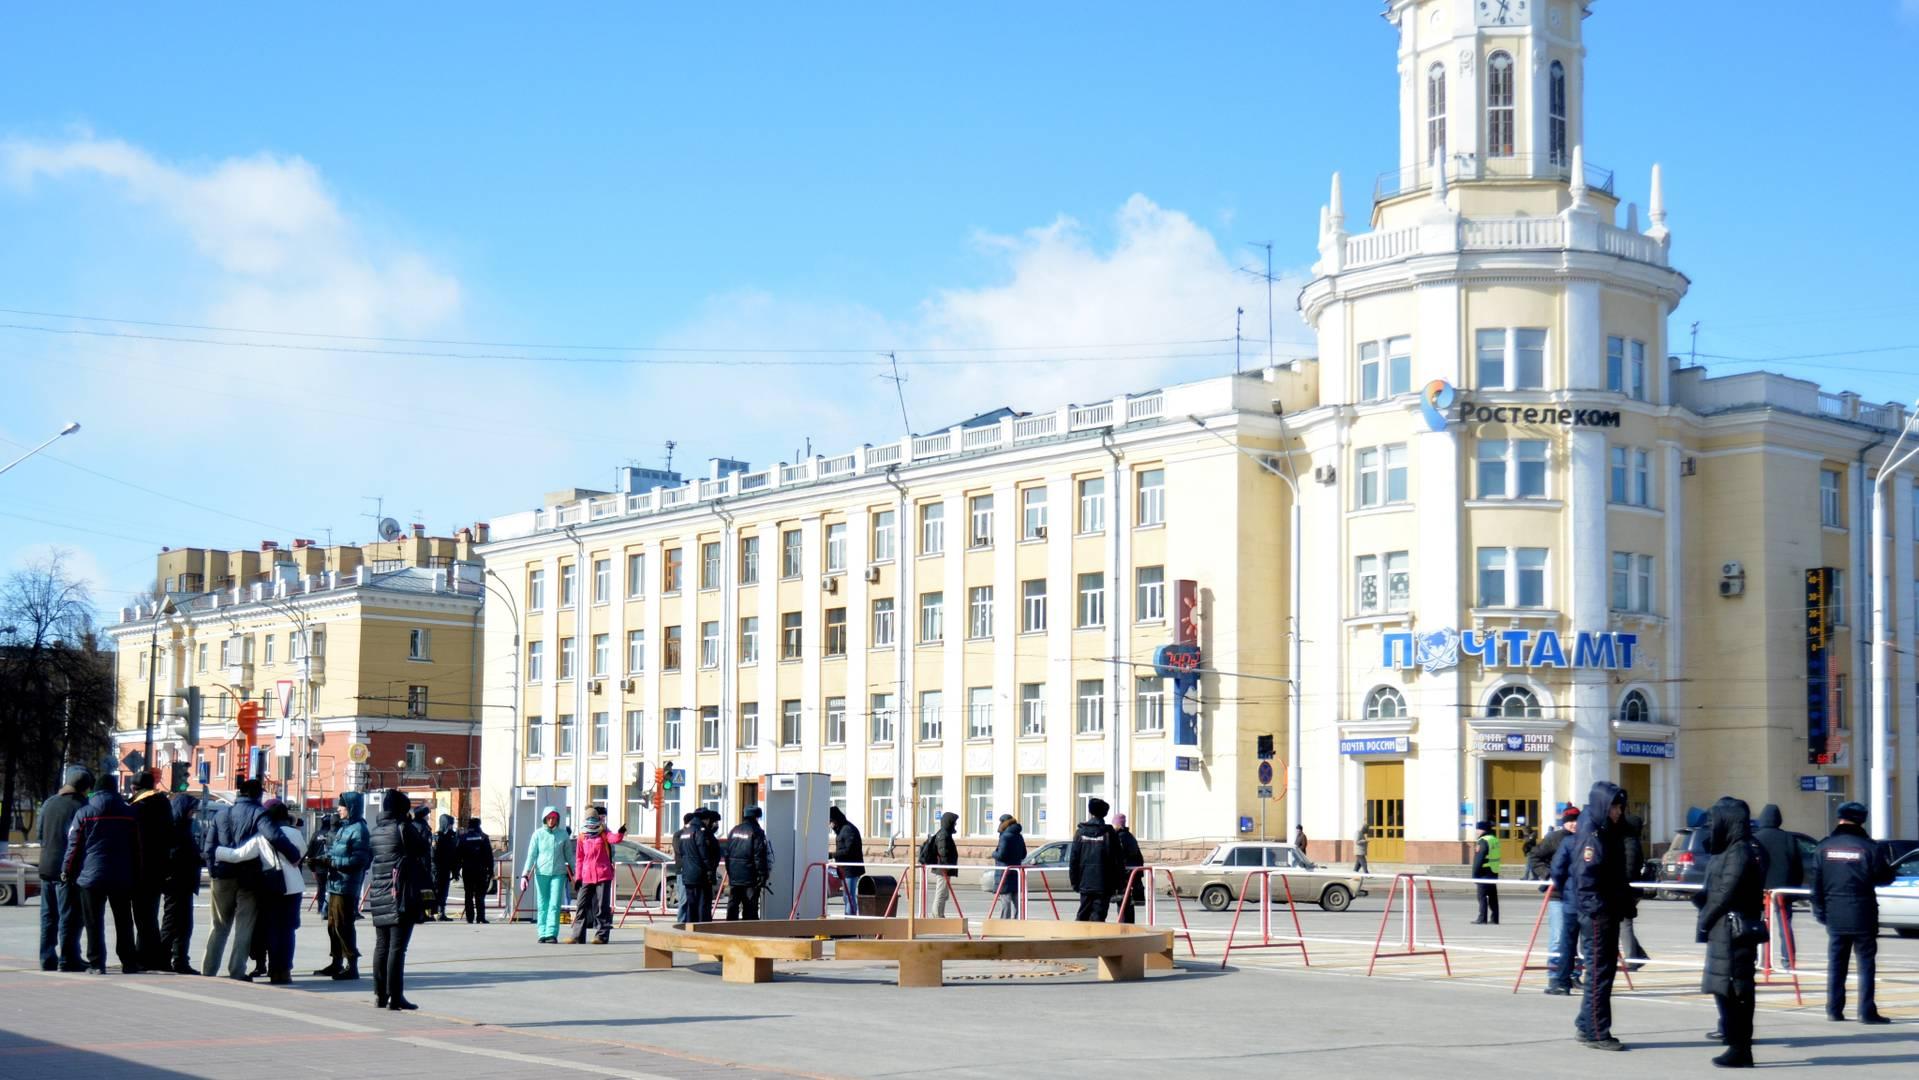 Милиция сняла оцепление наплощади вцентре Кемерово